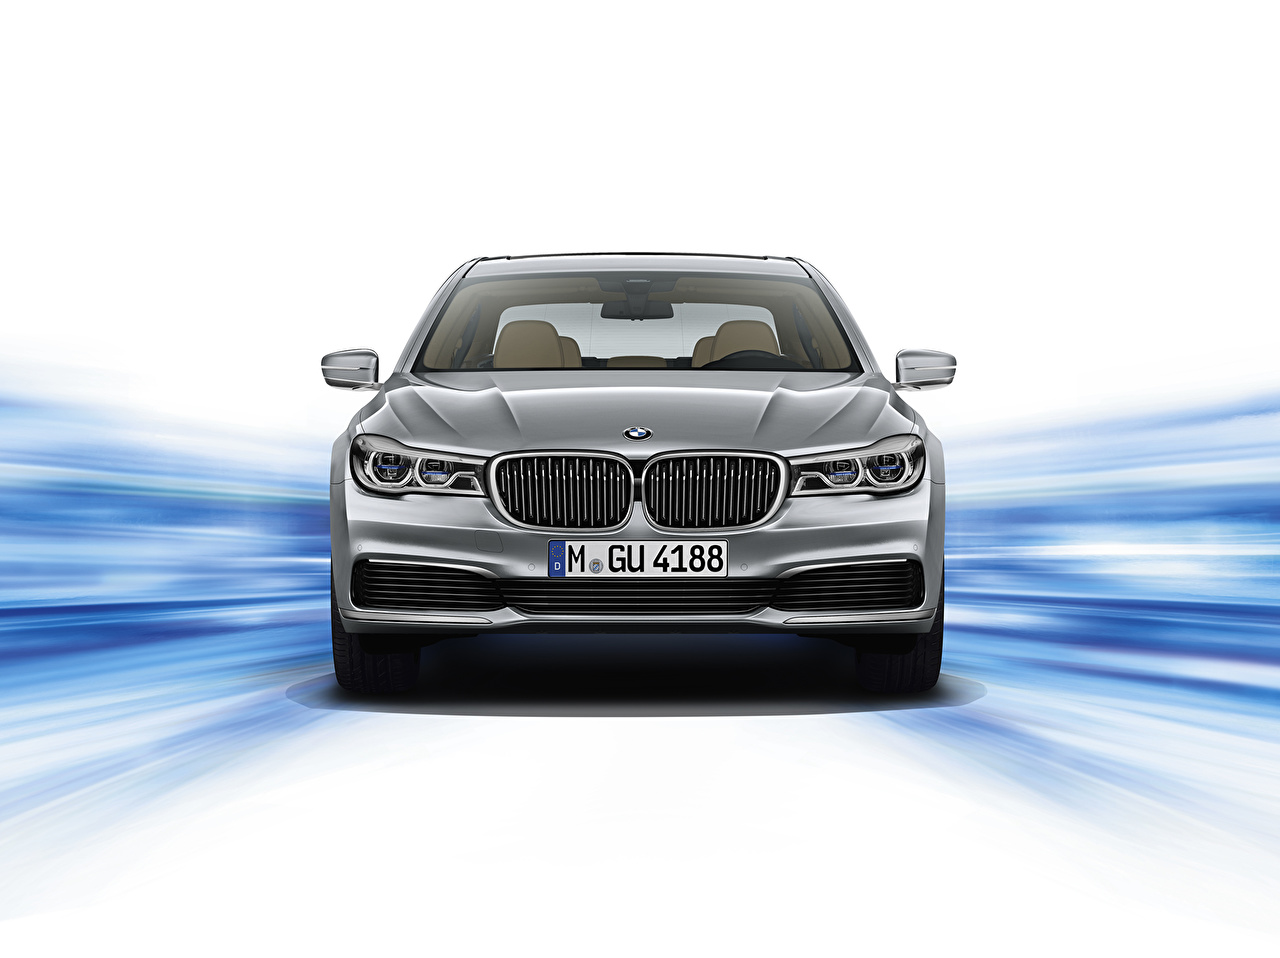 Photos BMW 2015 740Le G12, Cars Front auto automobile